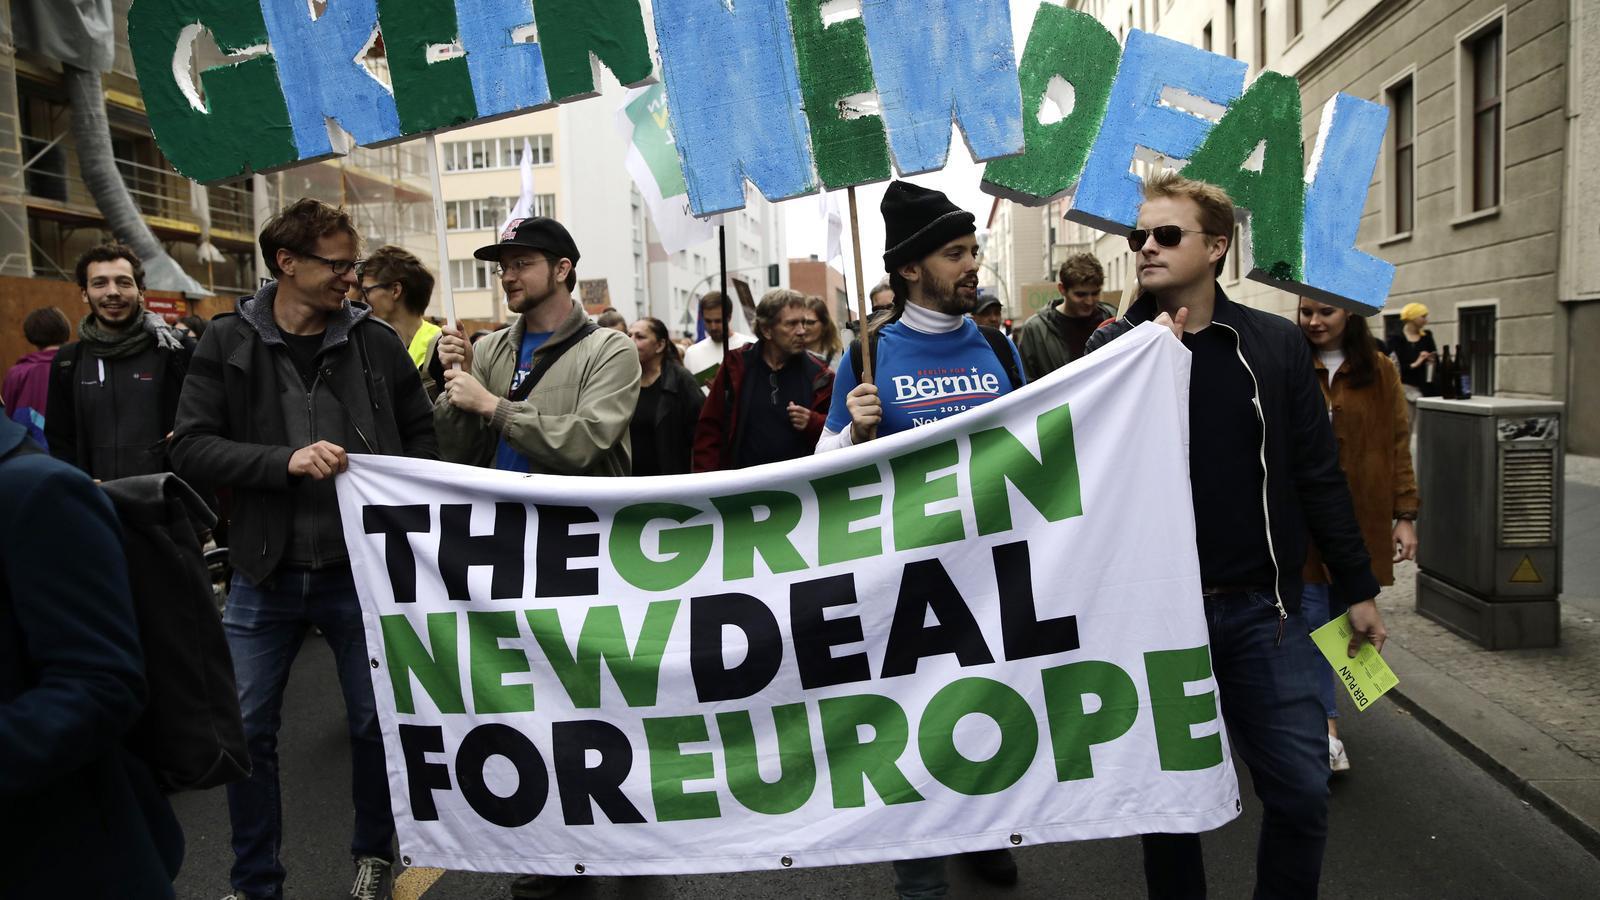 Green New Deal per a les generacions futures